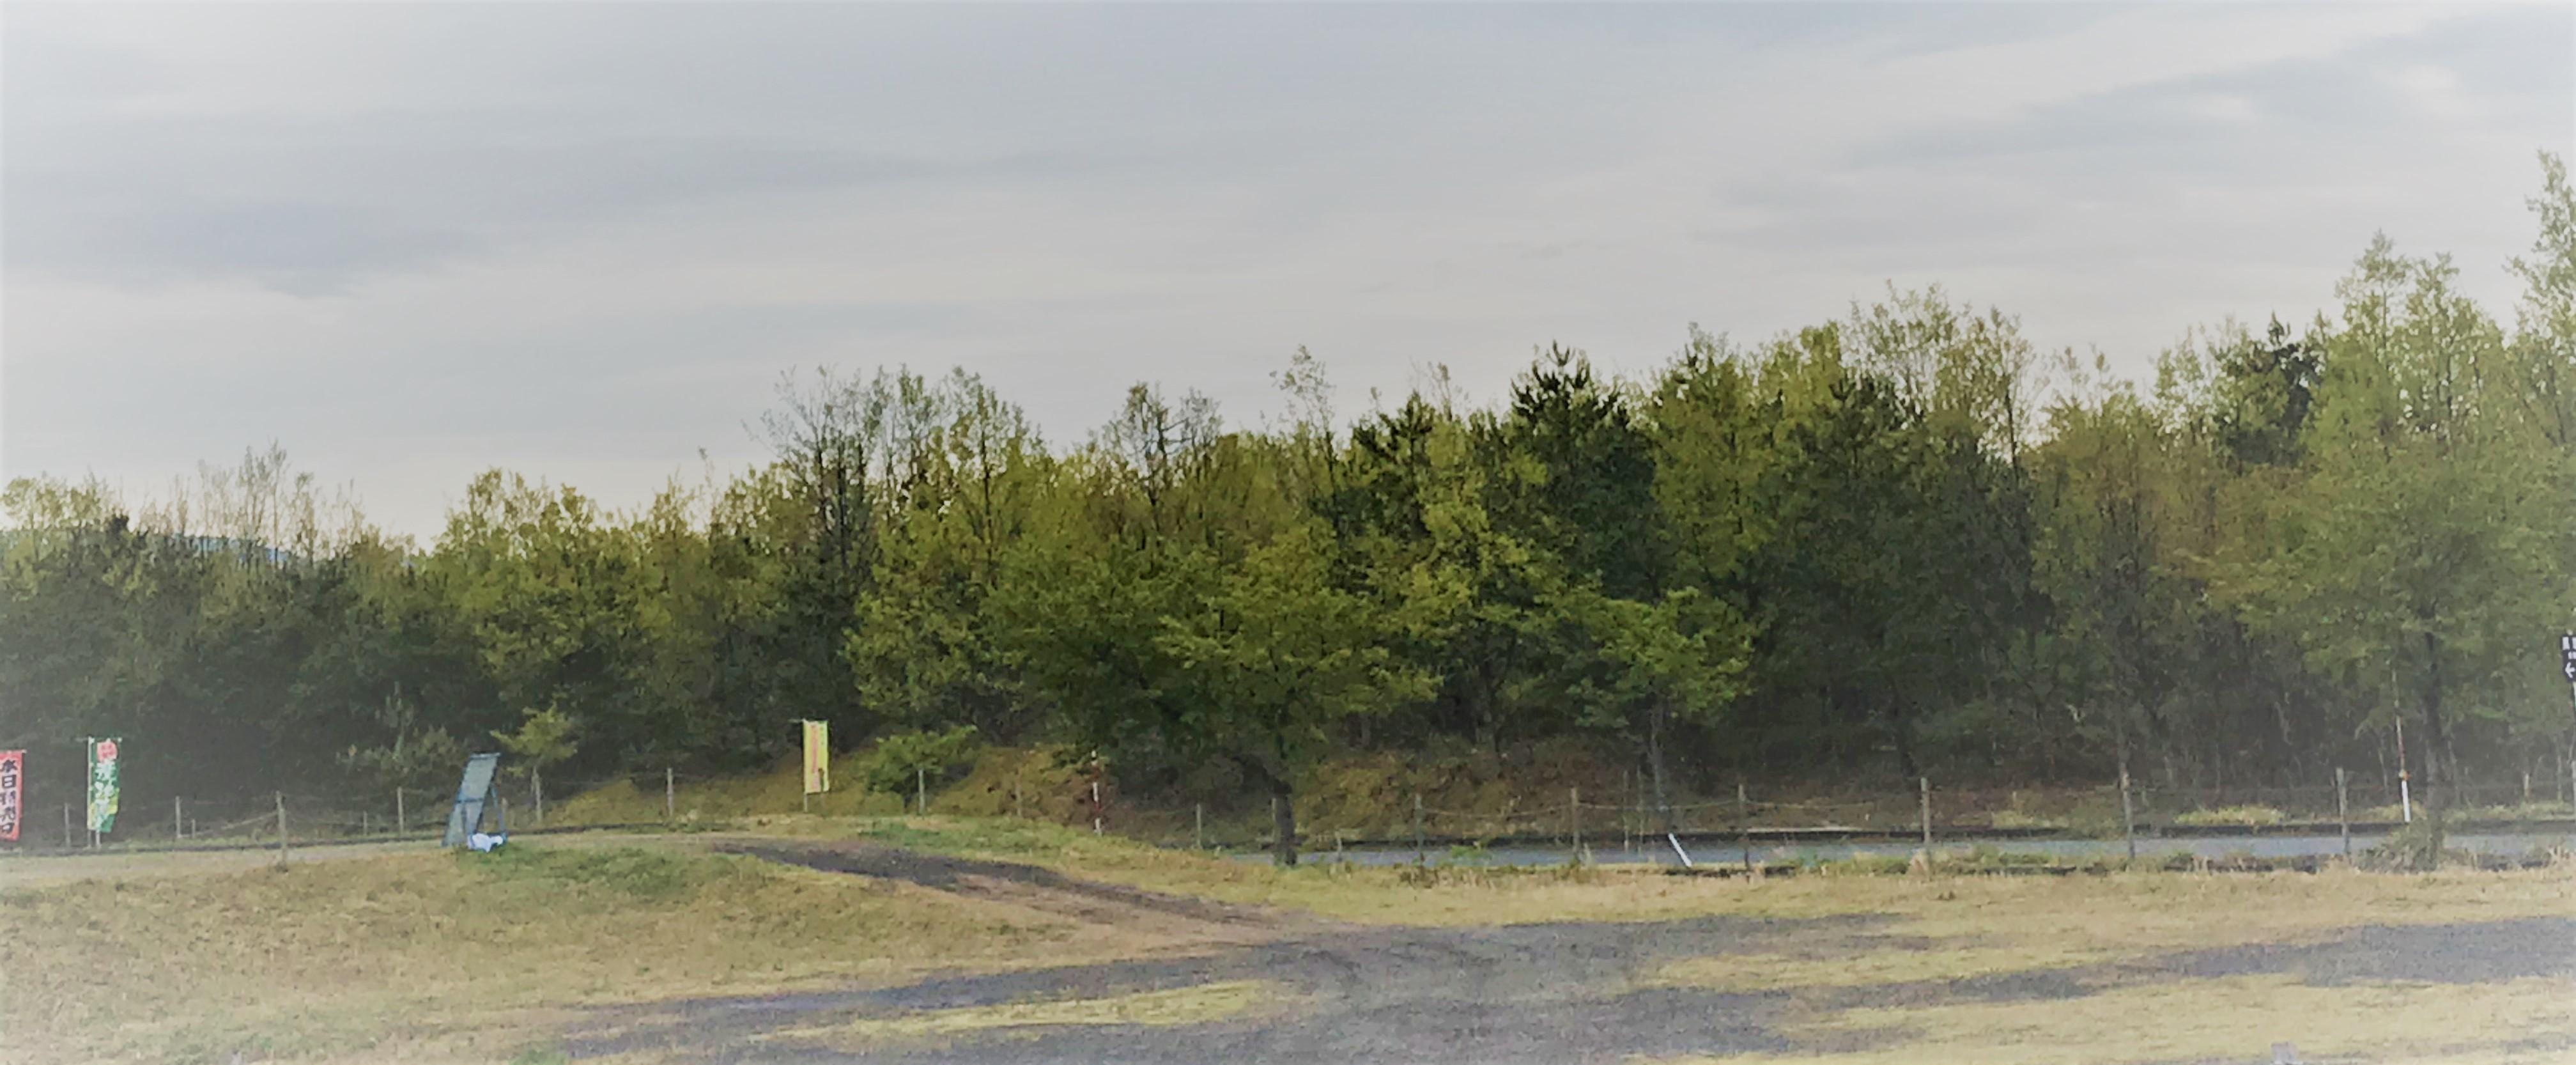 胎内市長池憩いの森公園